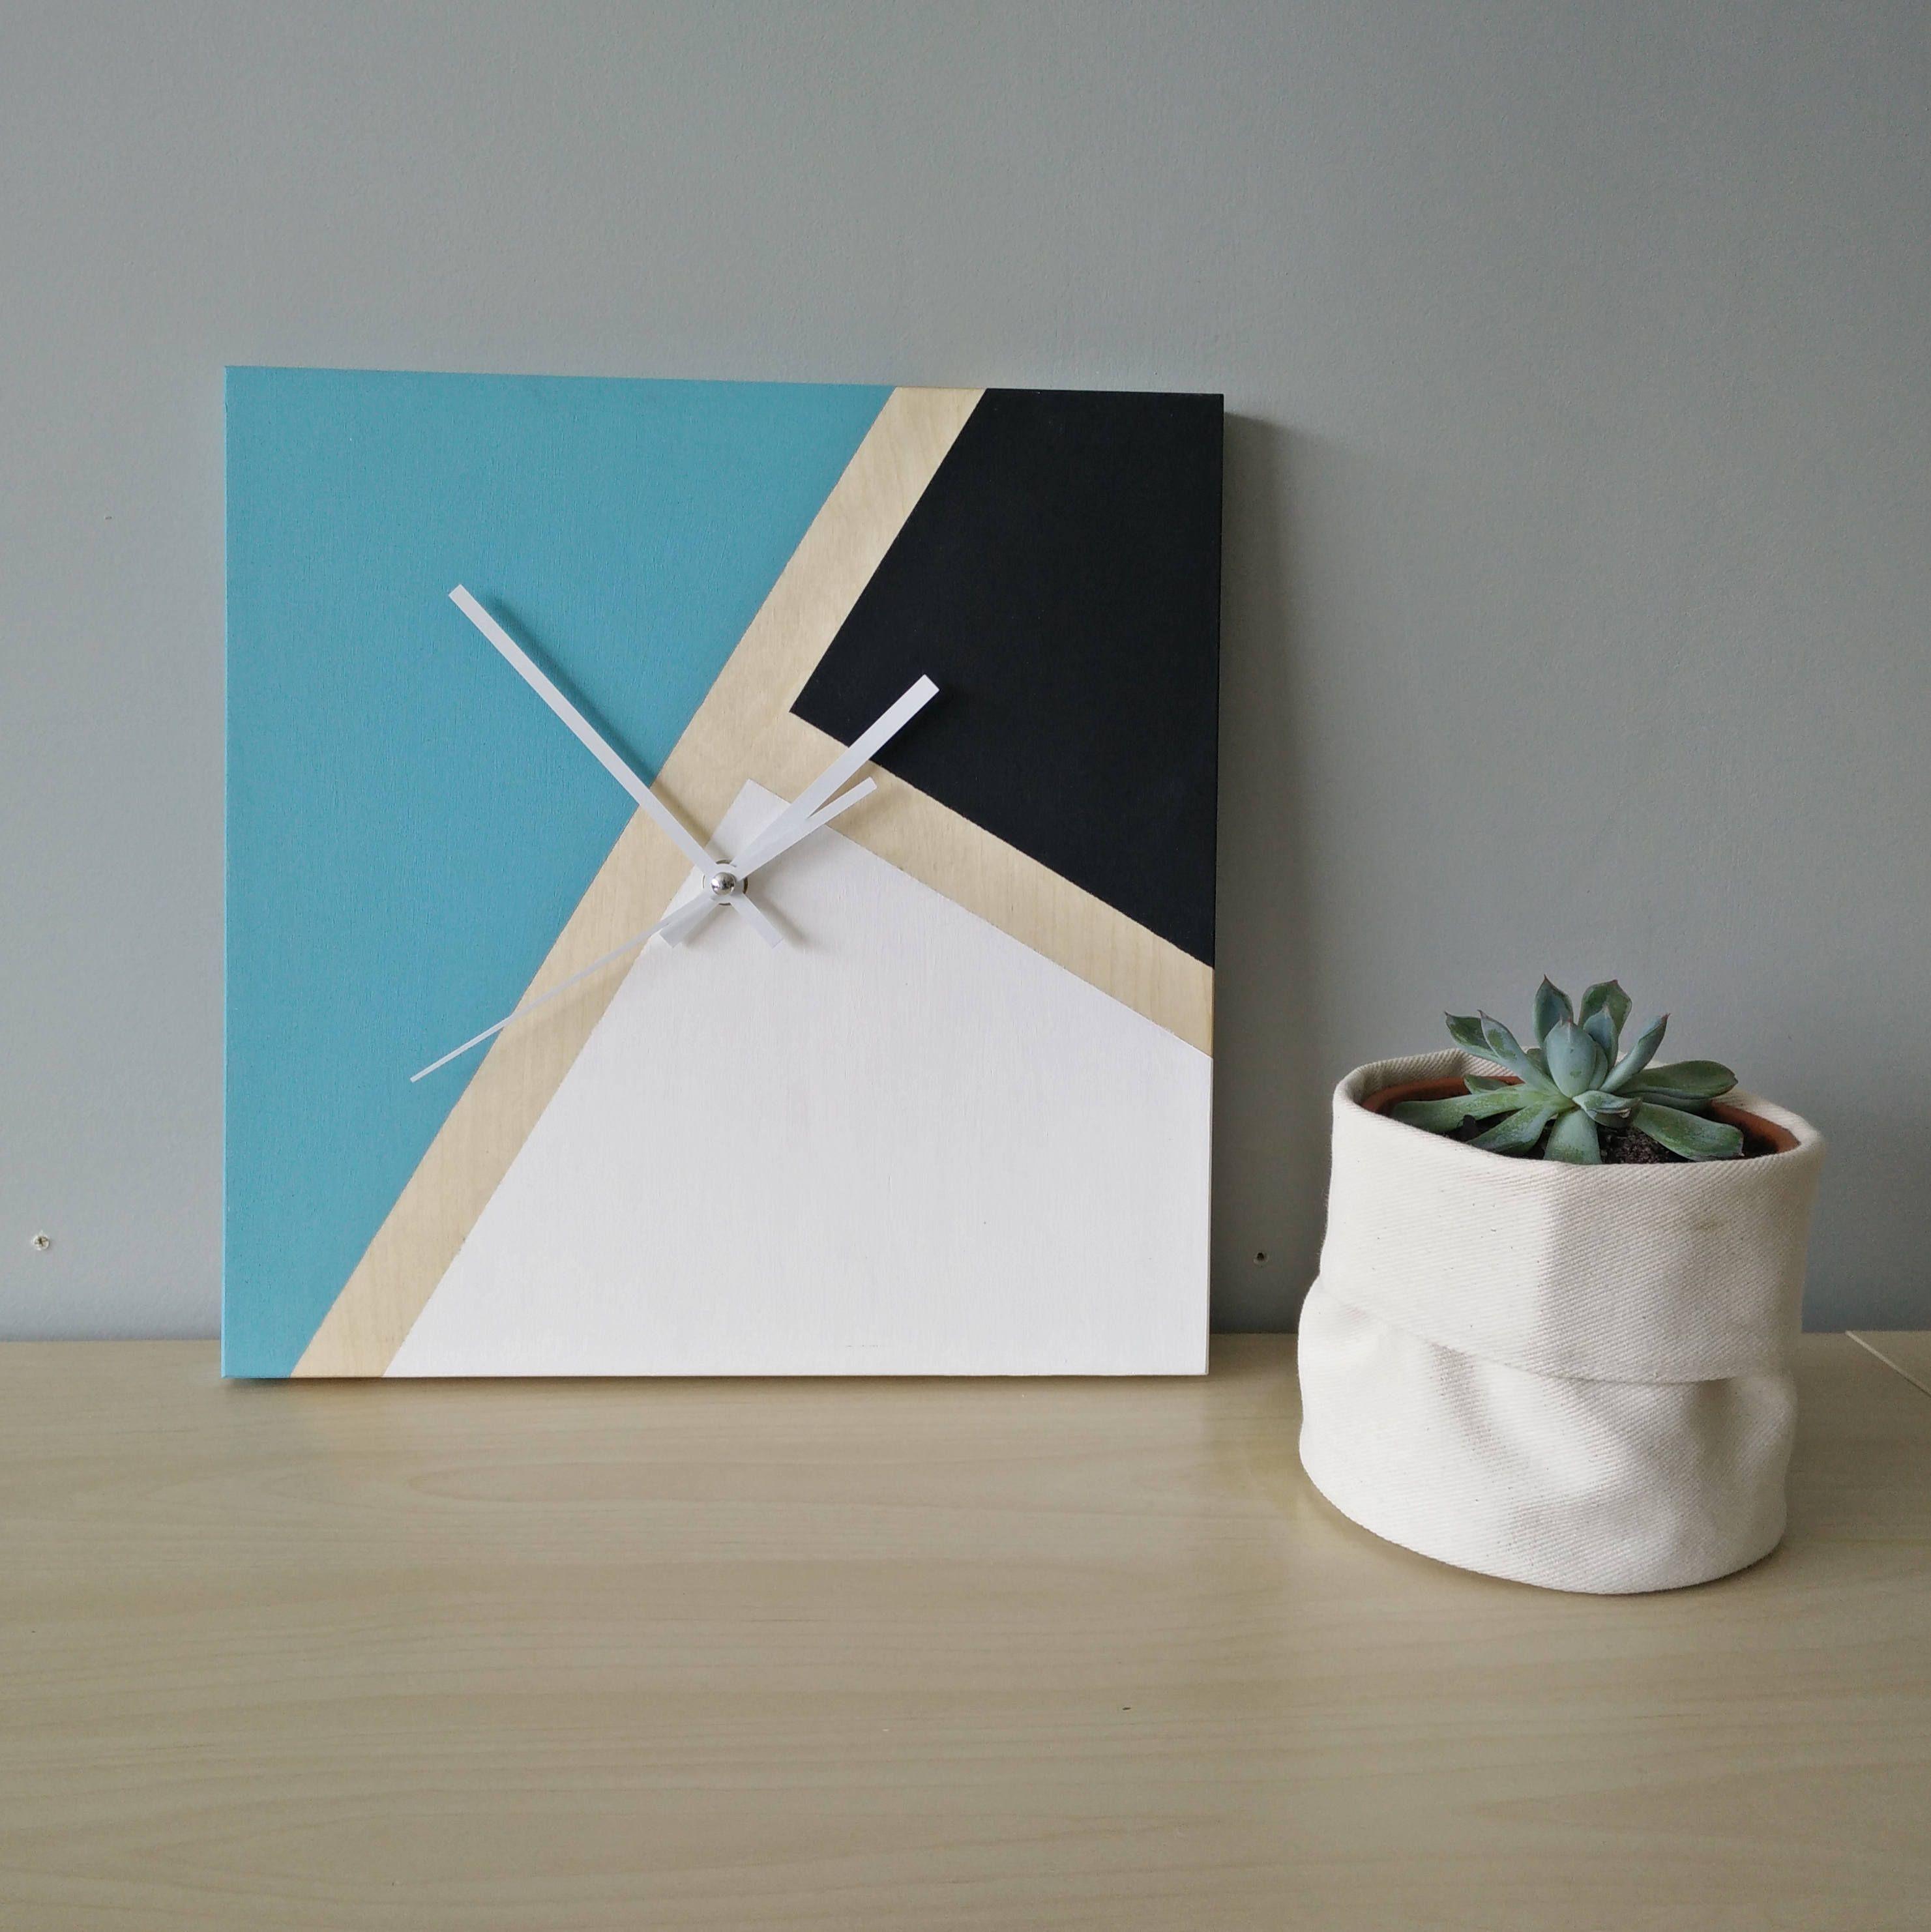 horloge murale en bois bleu et noir décor moderne et minimaliste